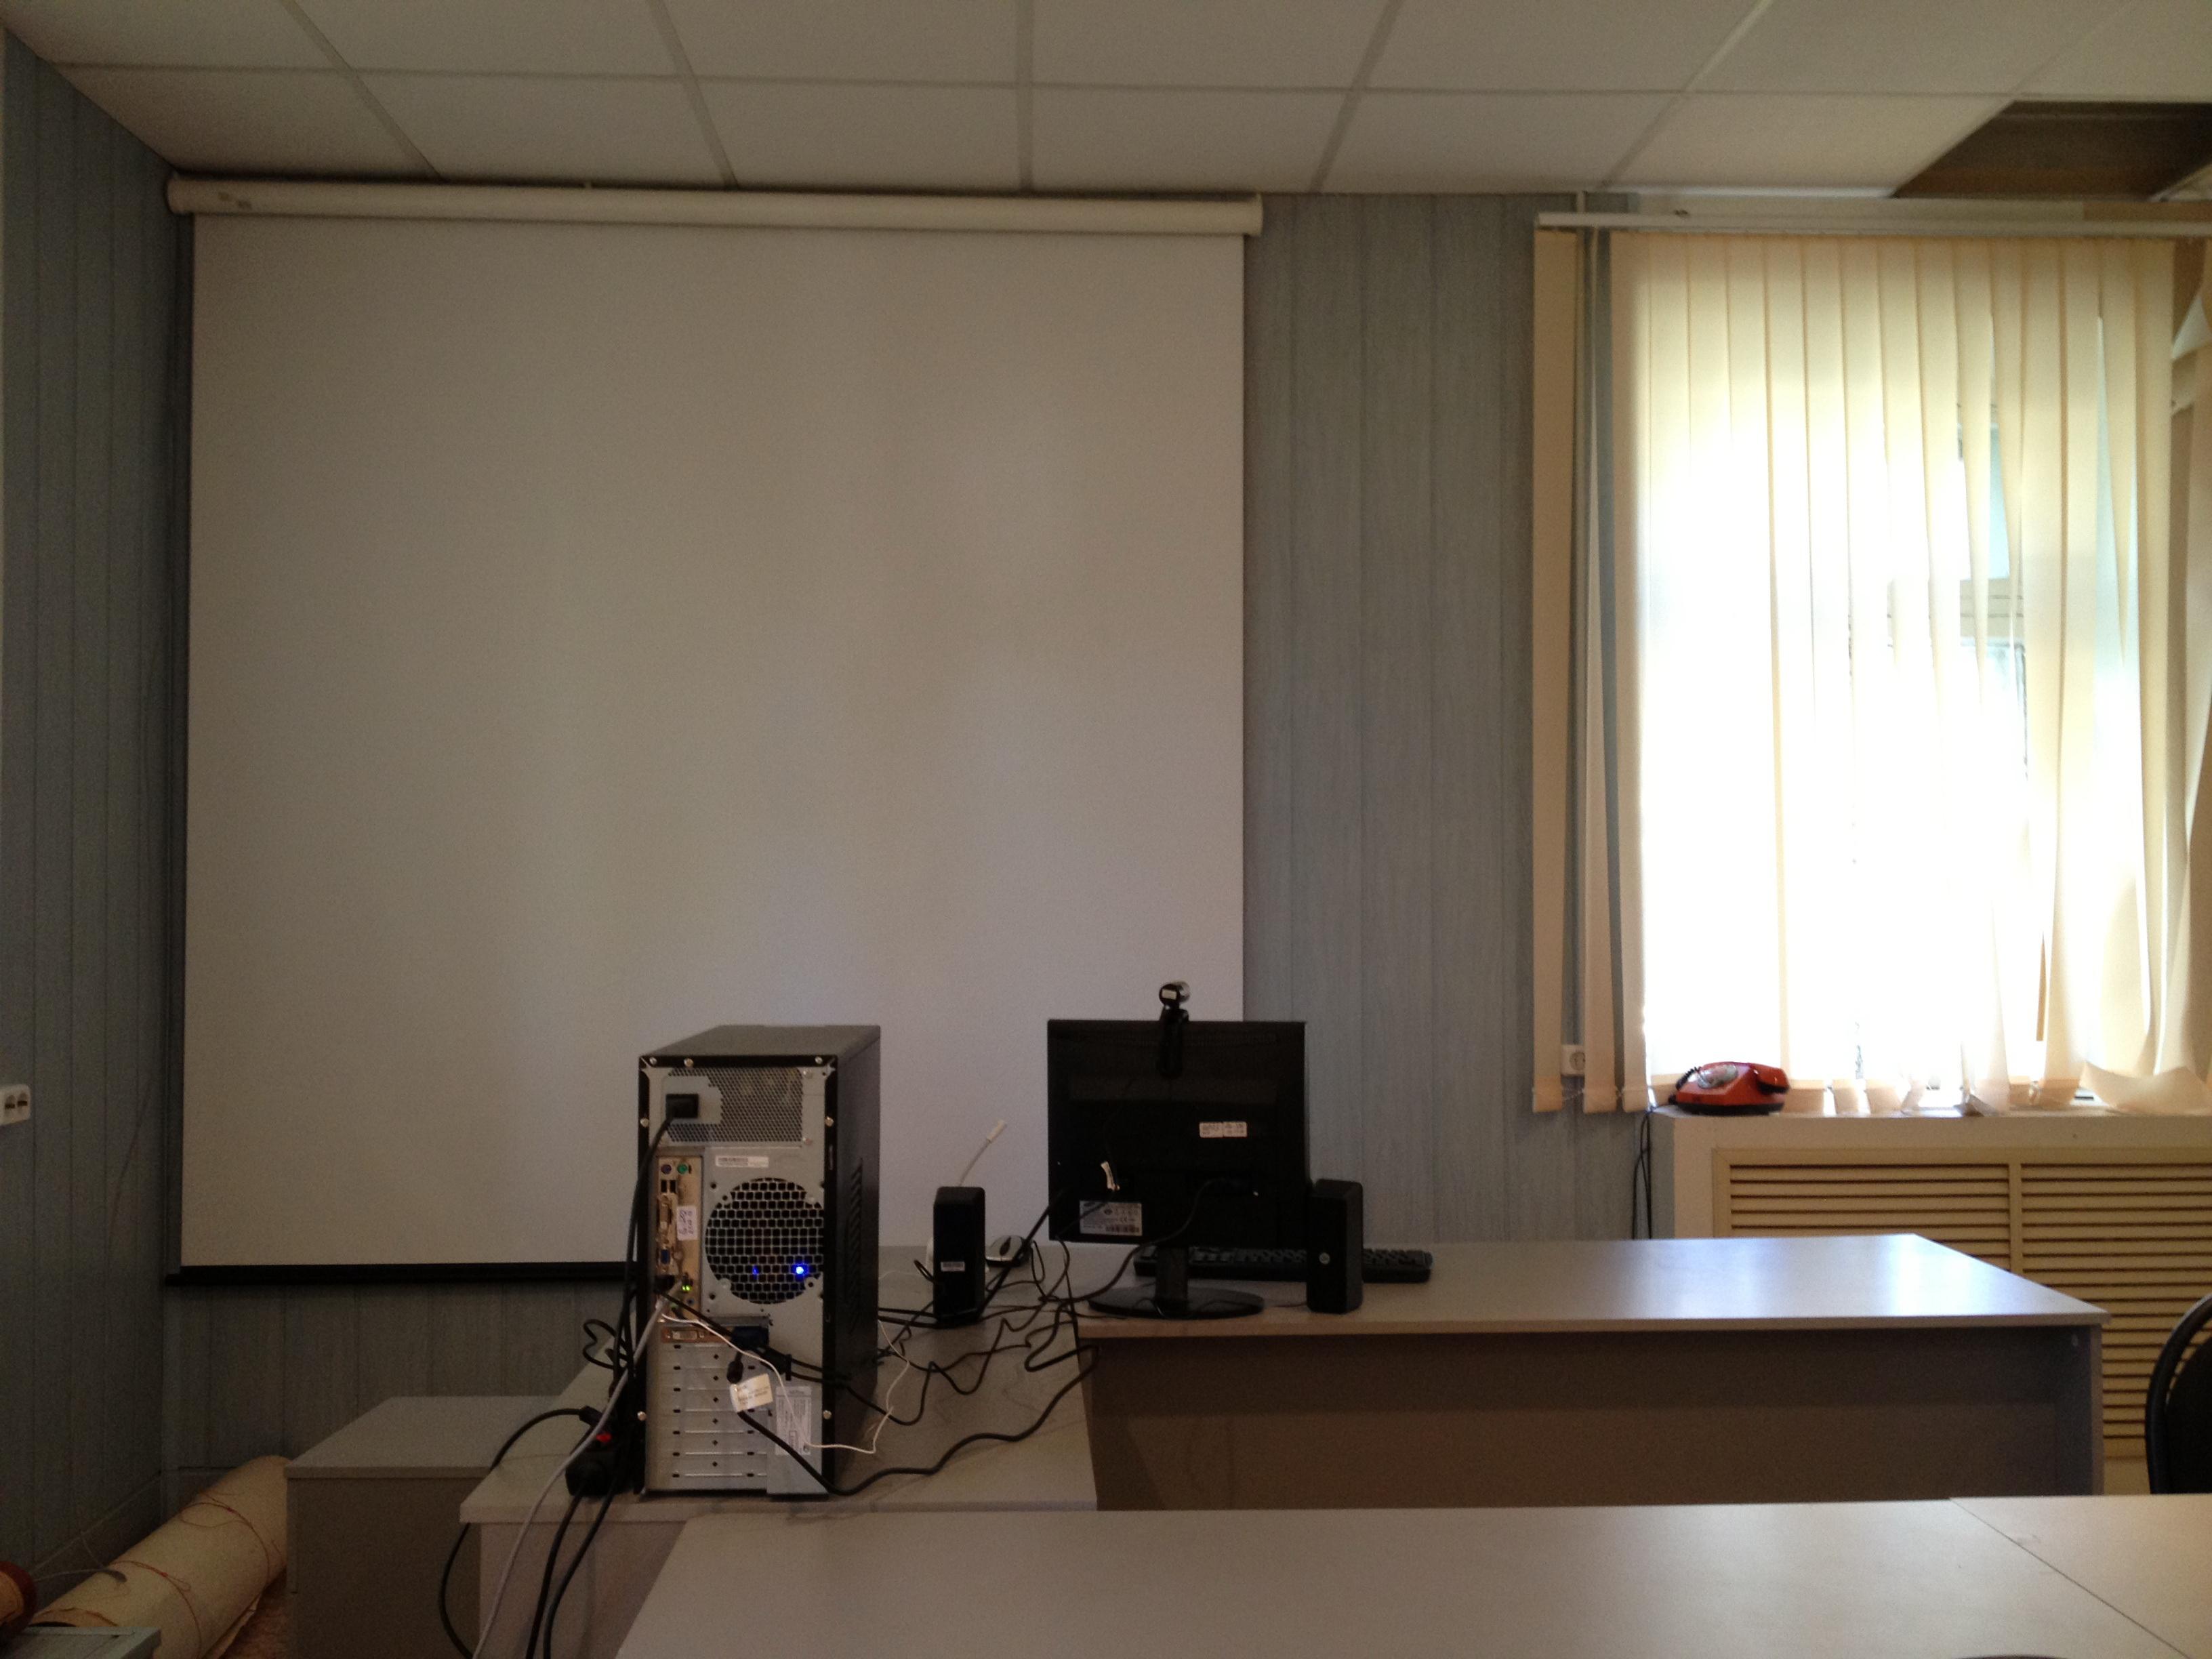 Место преподавателя в кабинете кафедры Химия и технология гетерогенных систем